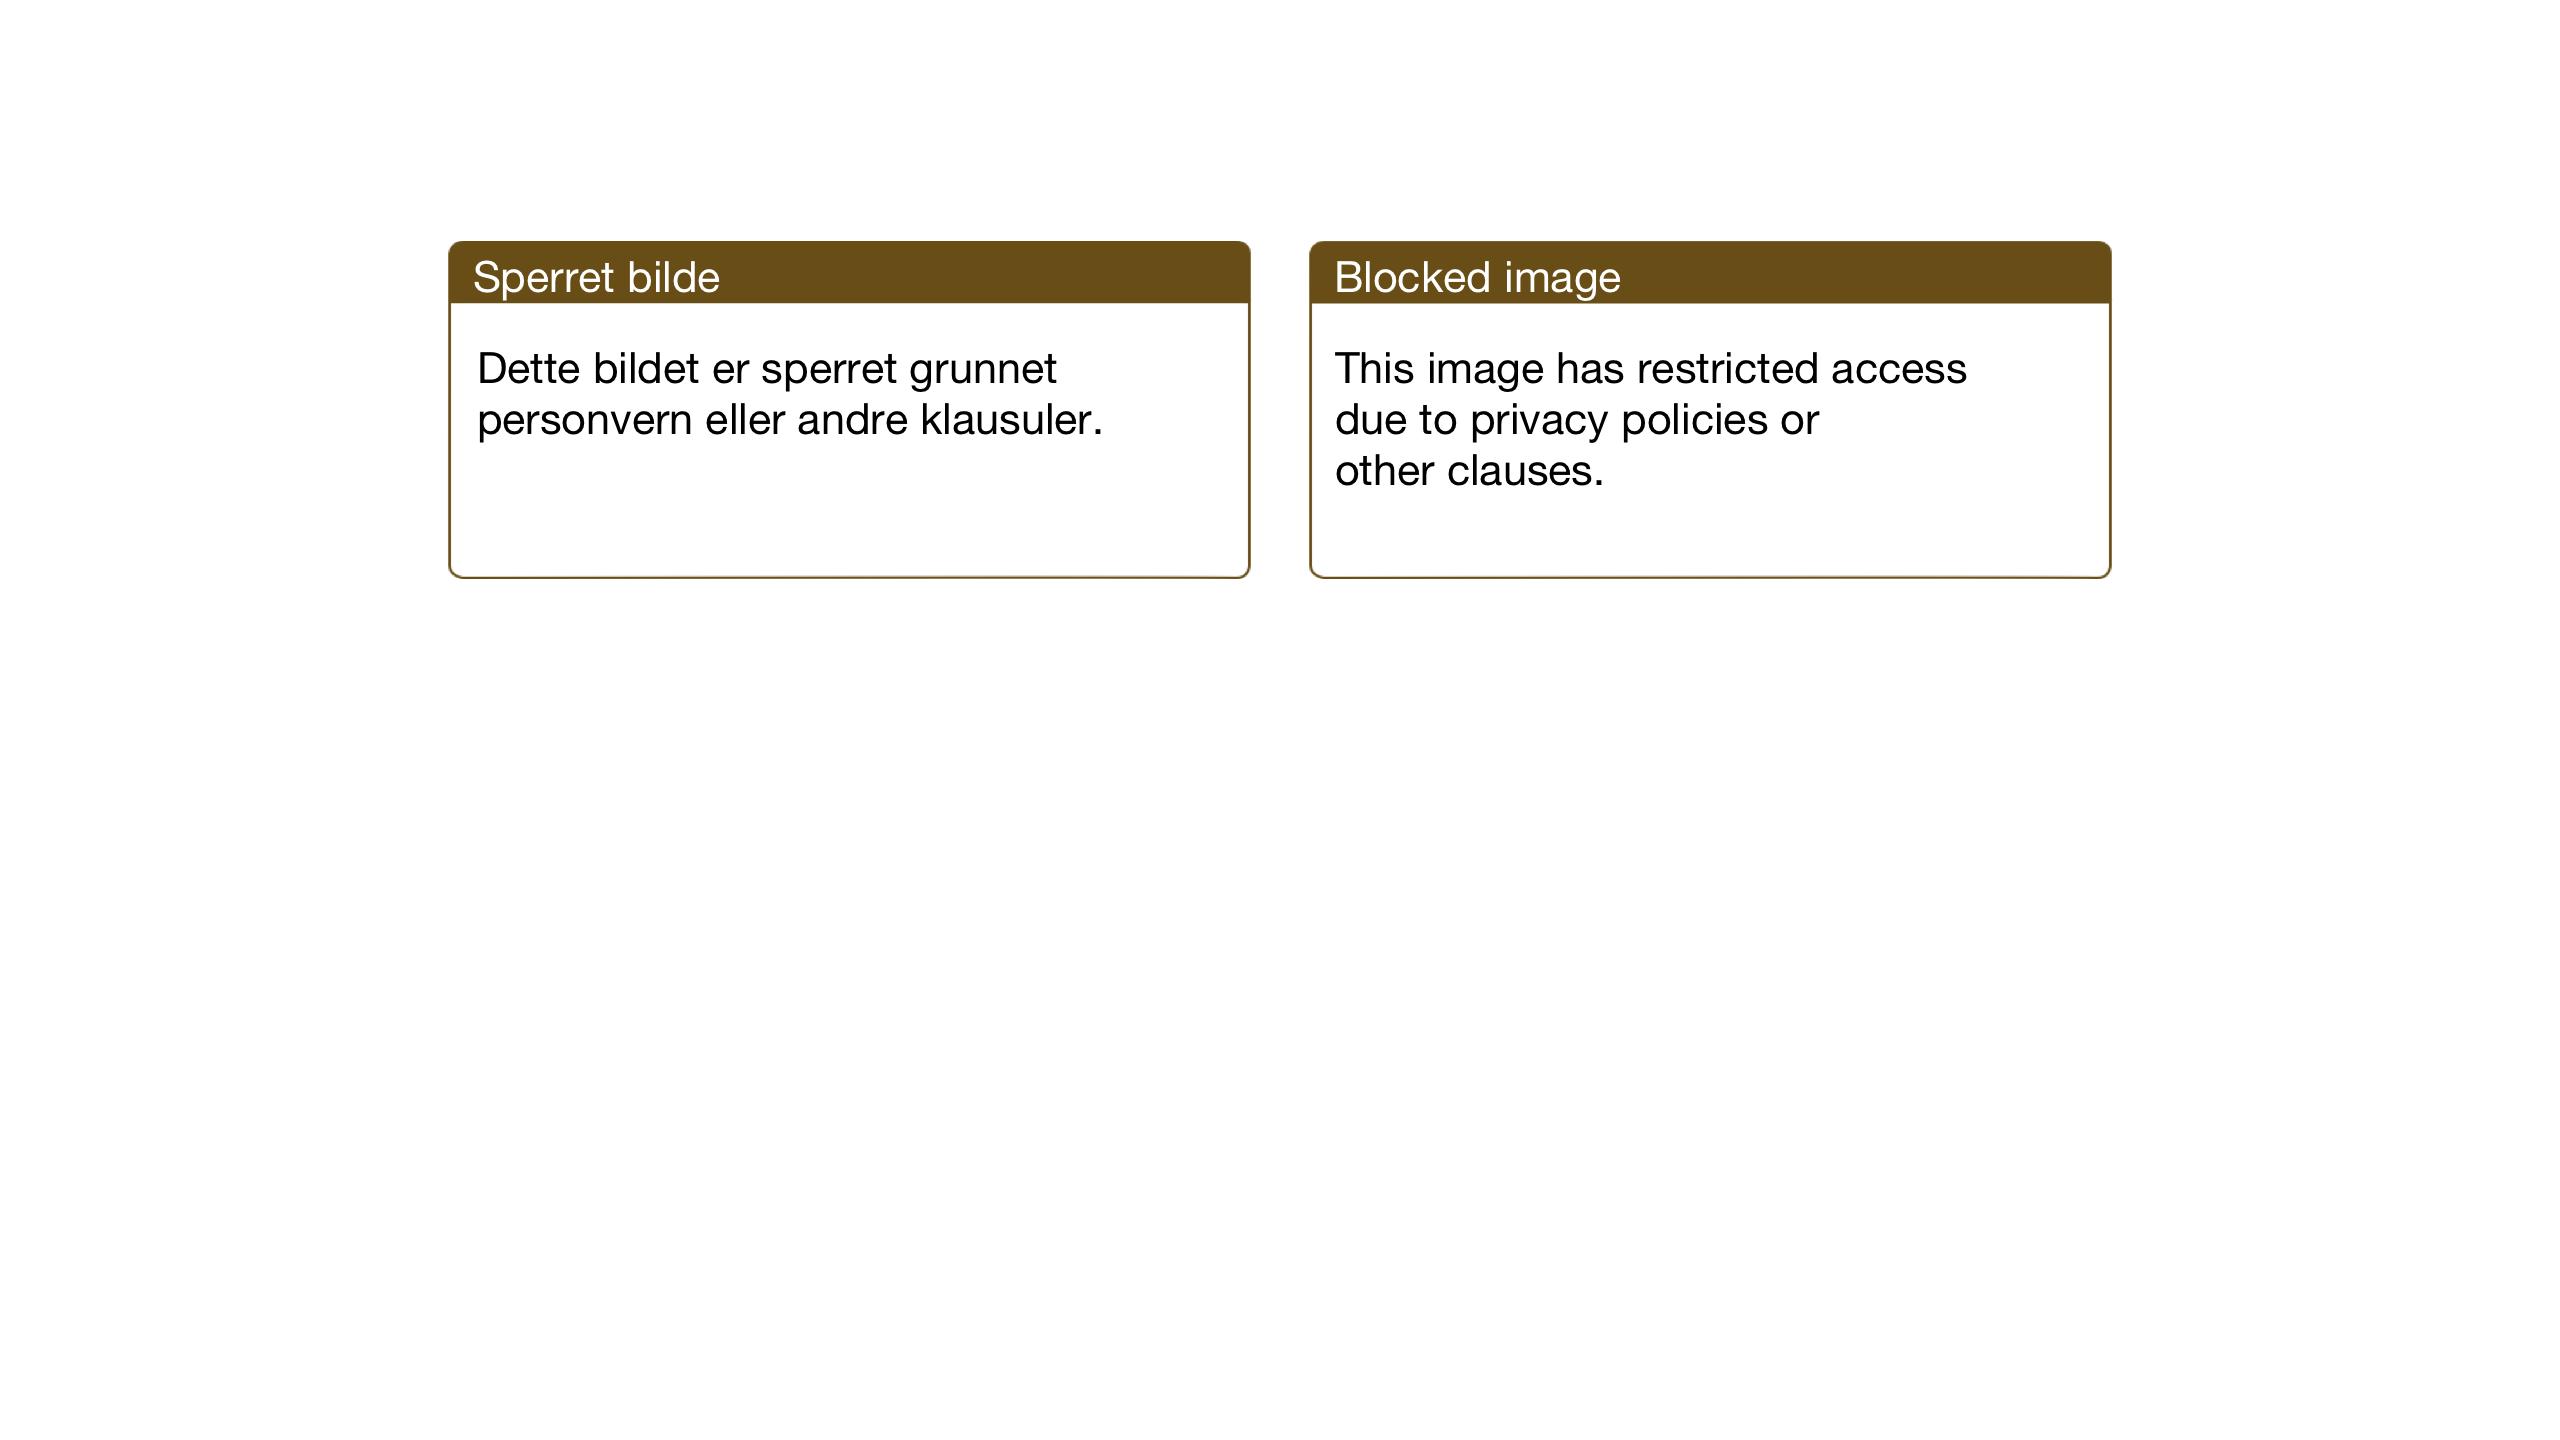 SAT, Ministerialprotokoller, klokkerbøker og fødselsregistre - Sør-Trøndelag, 674/L0877: Klokkerbok nr. 674C04, 1913-1940, s. 91